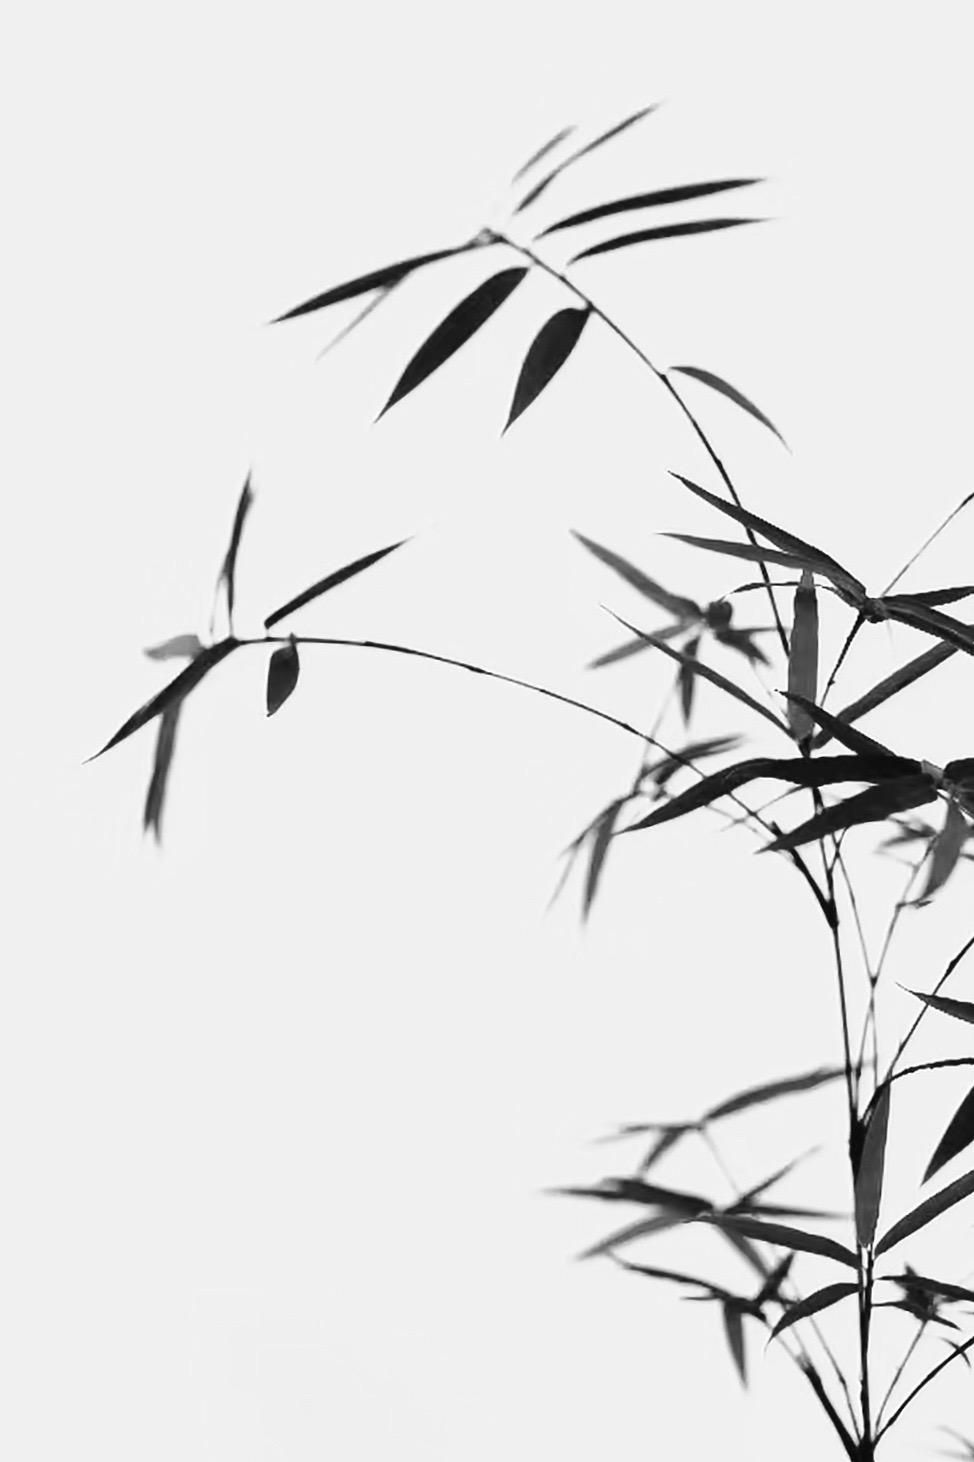 欢乐谷一号作品:风吹细细香